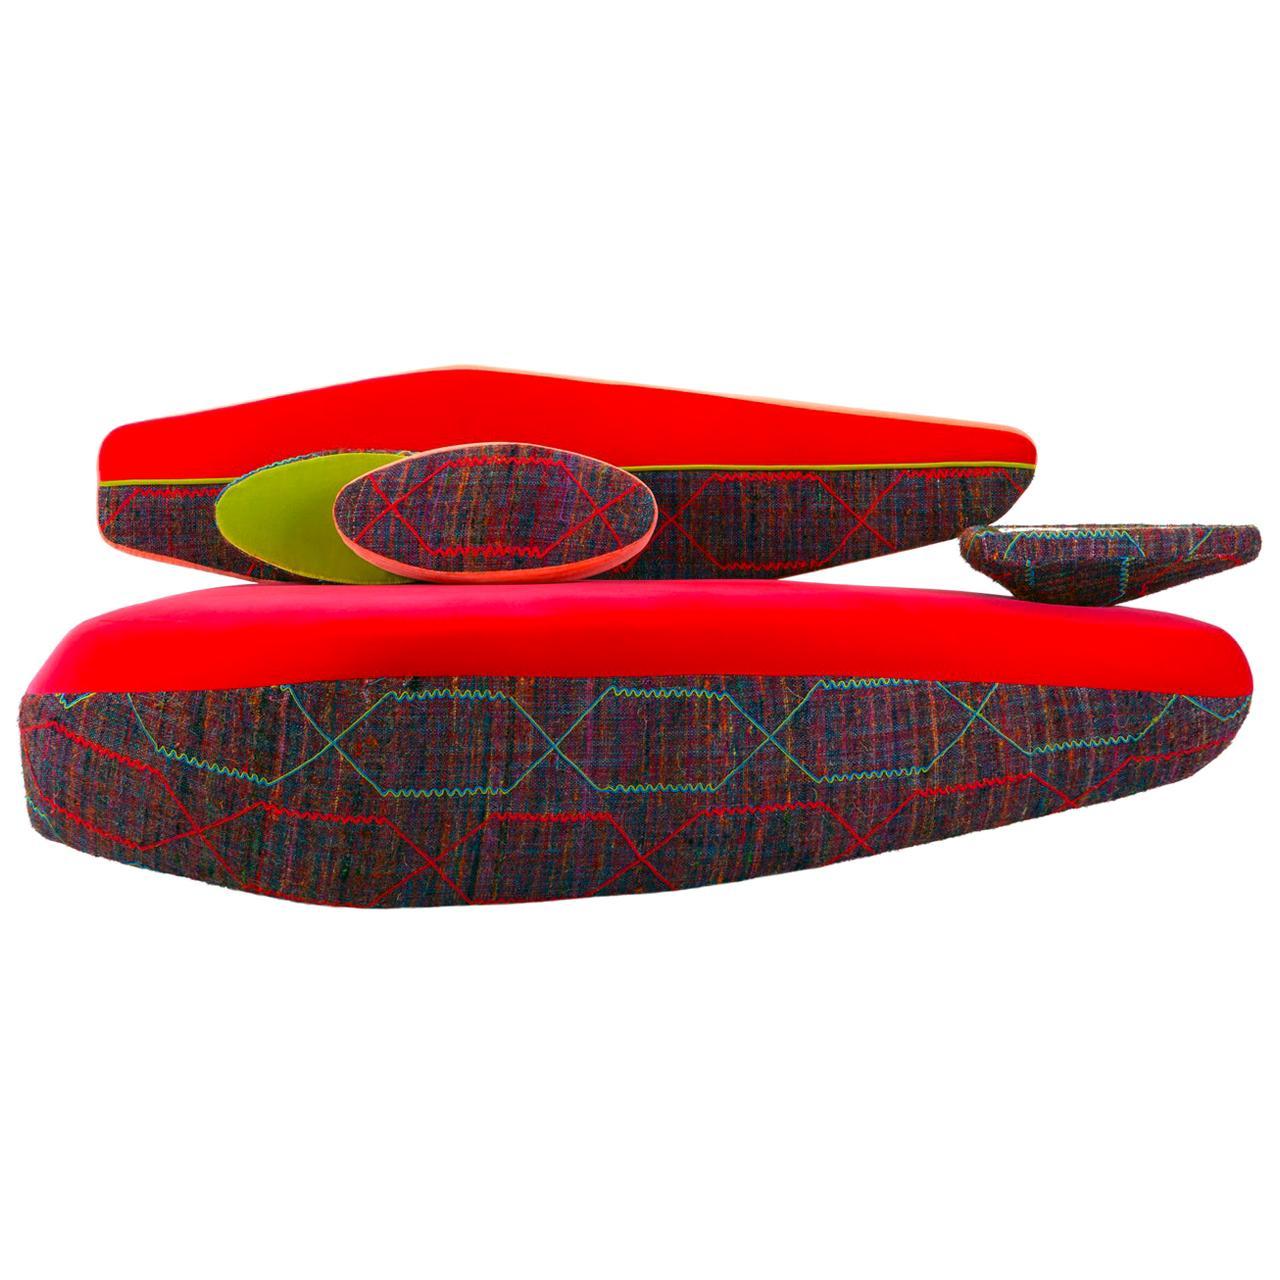 Big Sofa End-Sofa By GIovanni Tommaso Garattoni